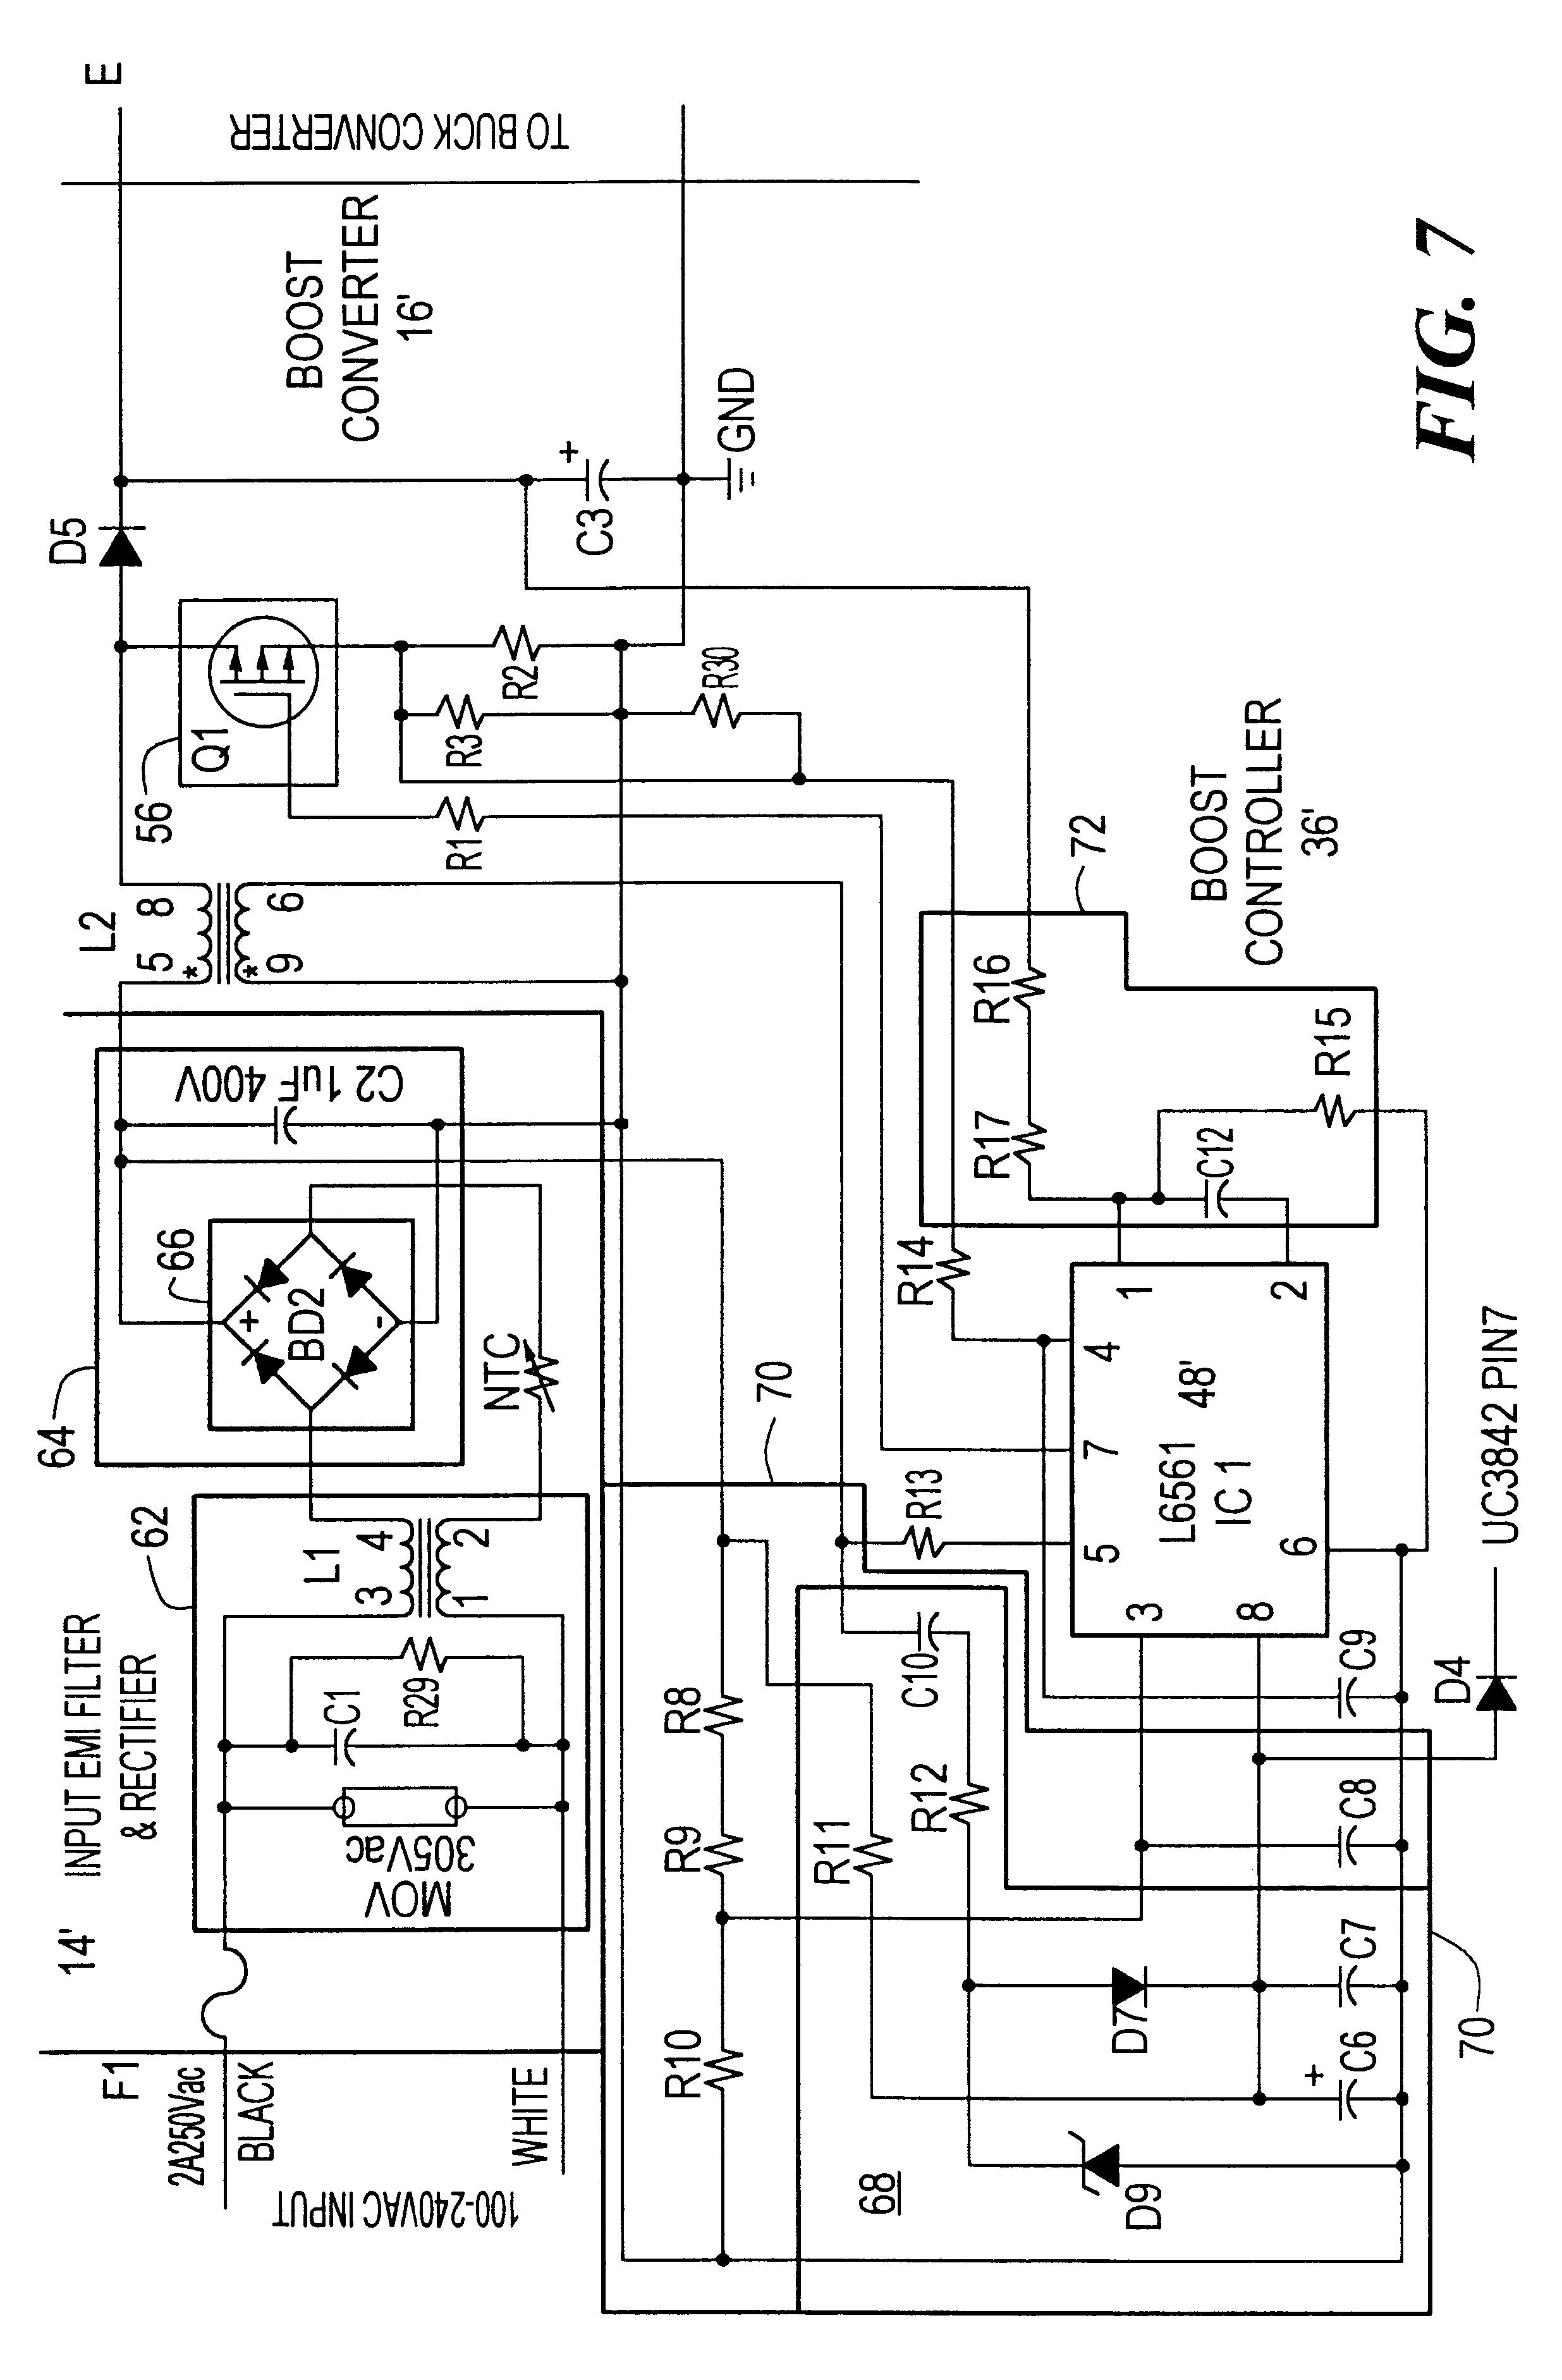 brevetto us6181084